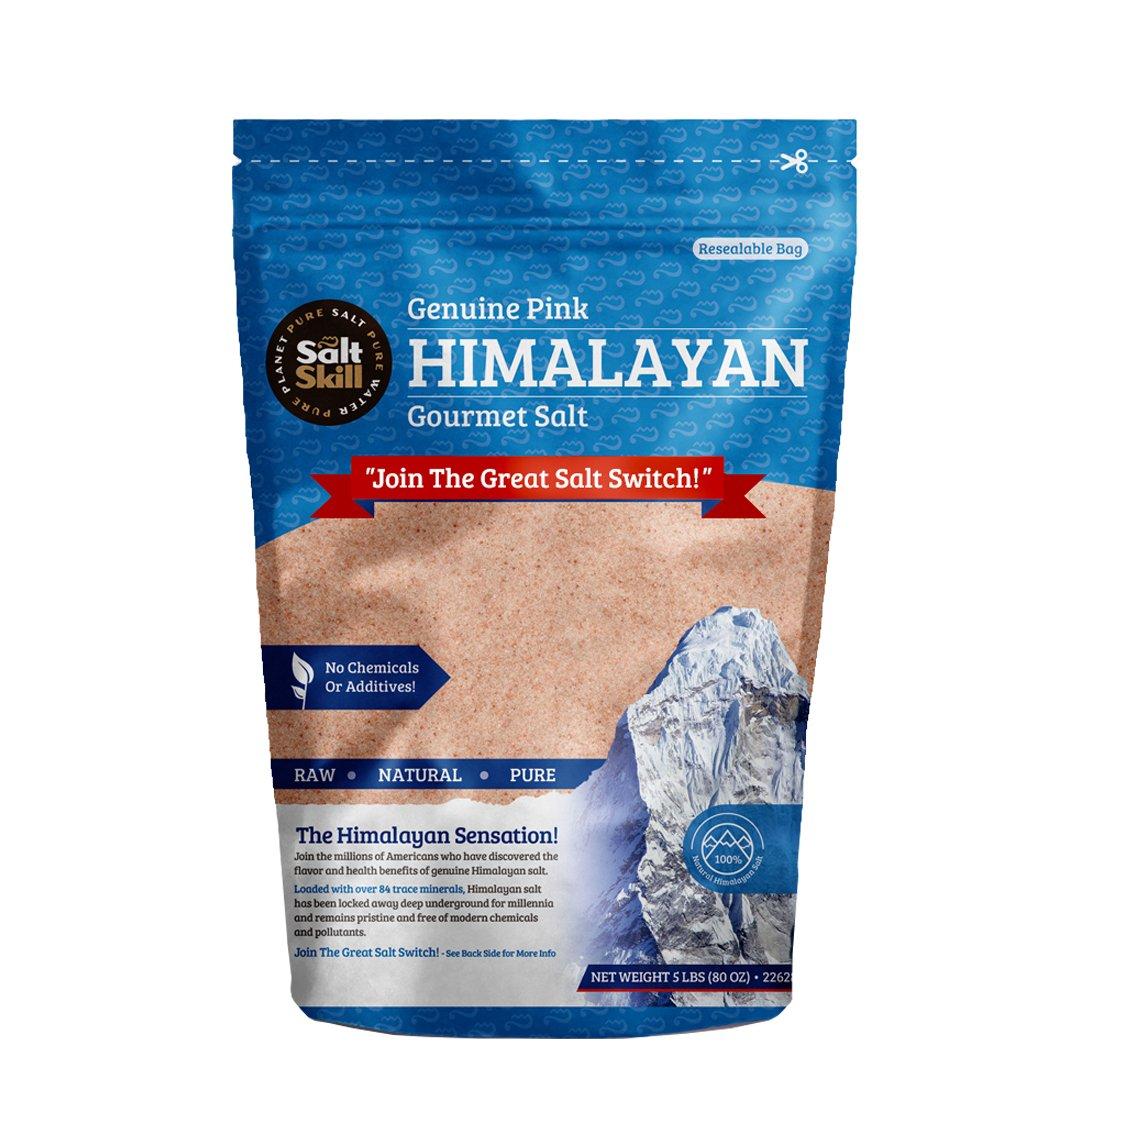 SALT SKILL Pink Gourmet Himalayan Salt Fine Grain – 5lb bag